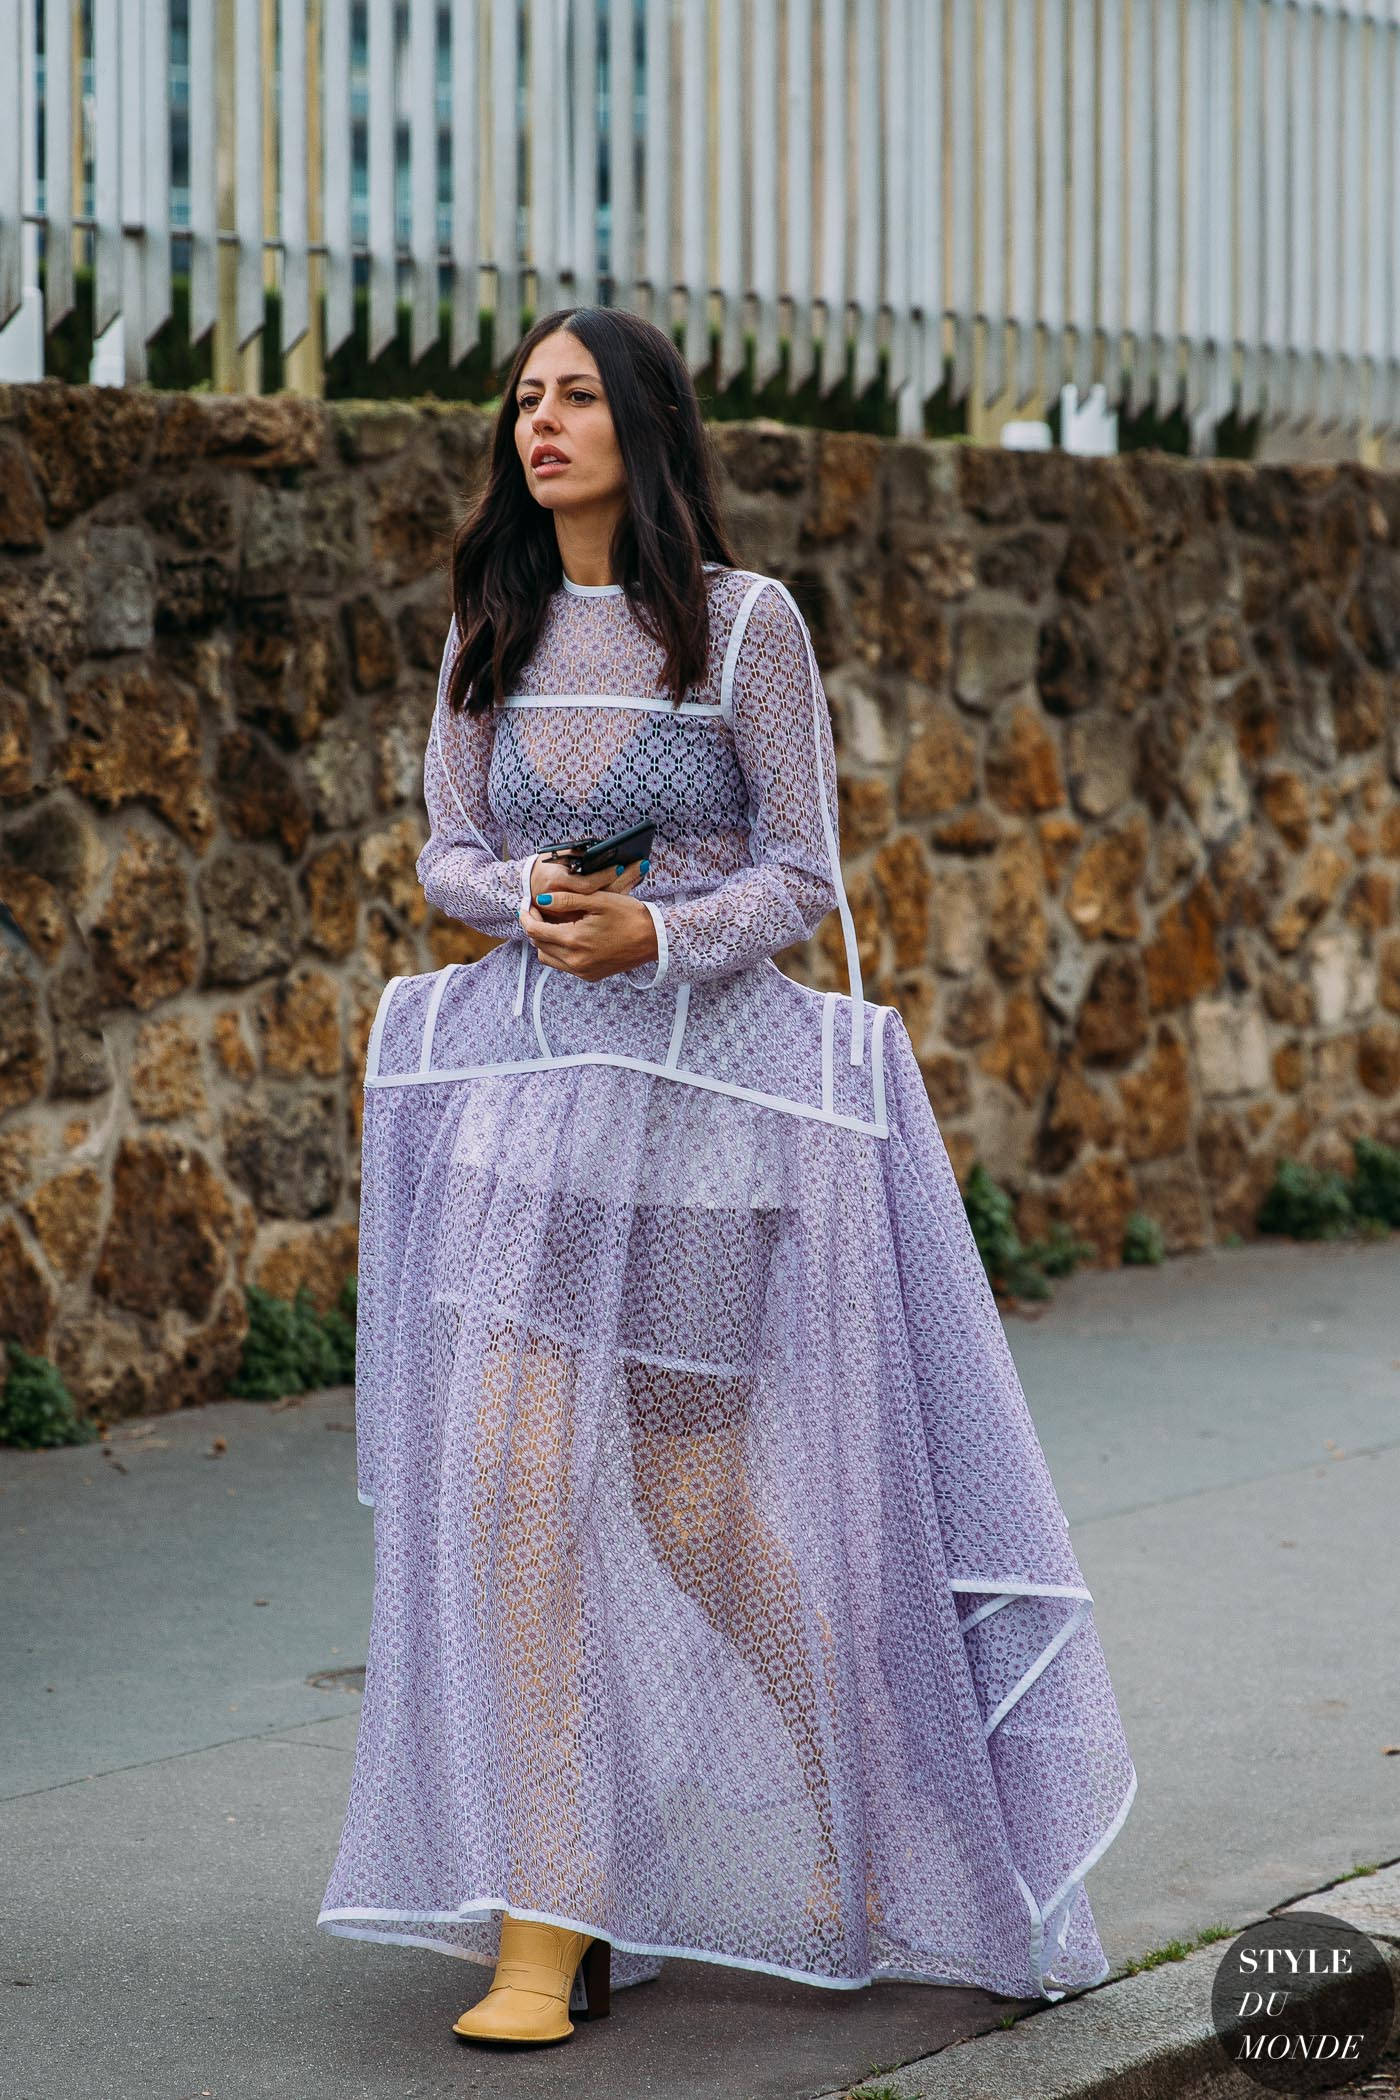 Paris FW 2020 Street Style: Gilda Ambrosio - STYLE DU